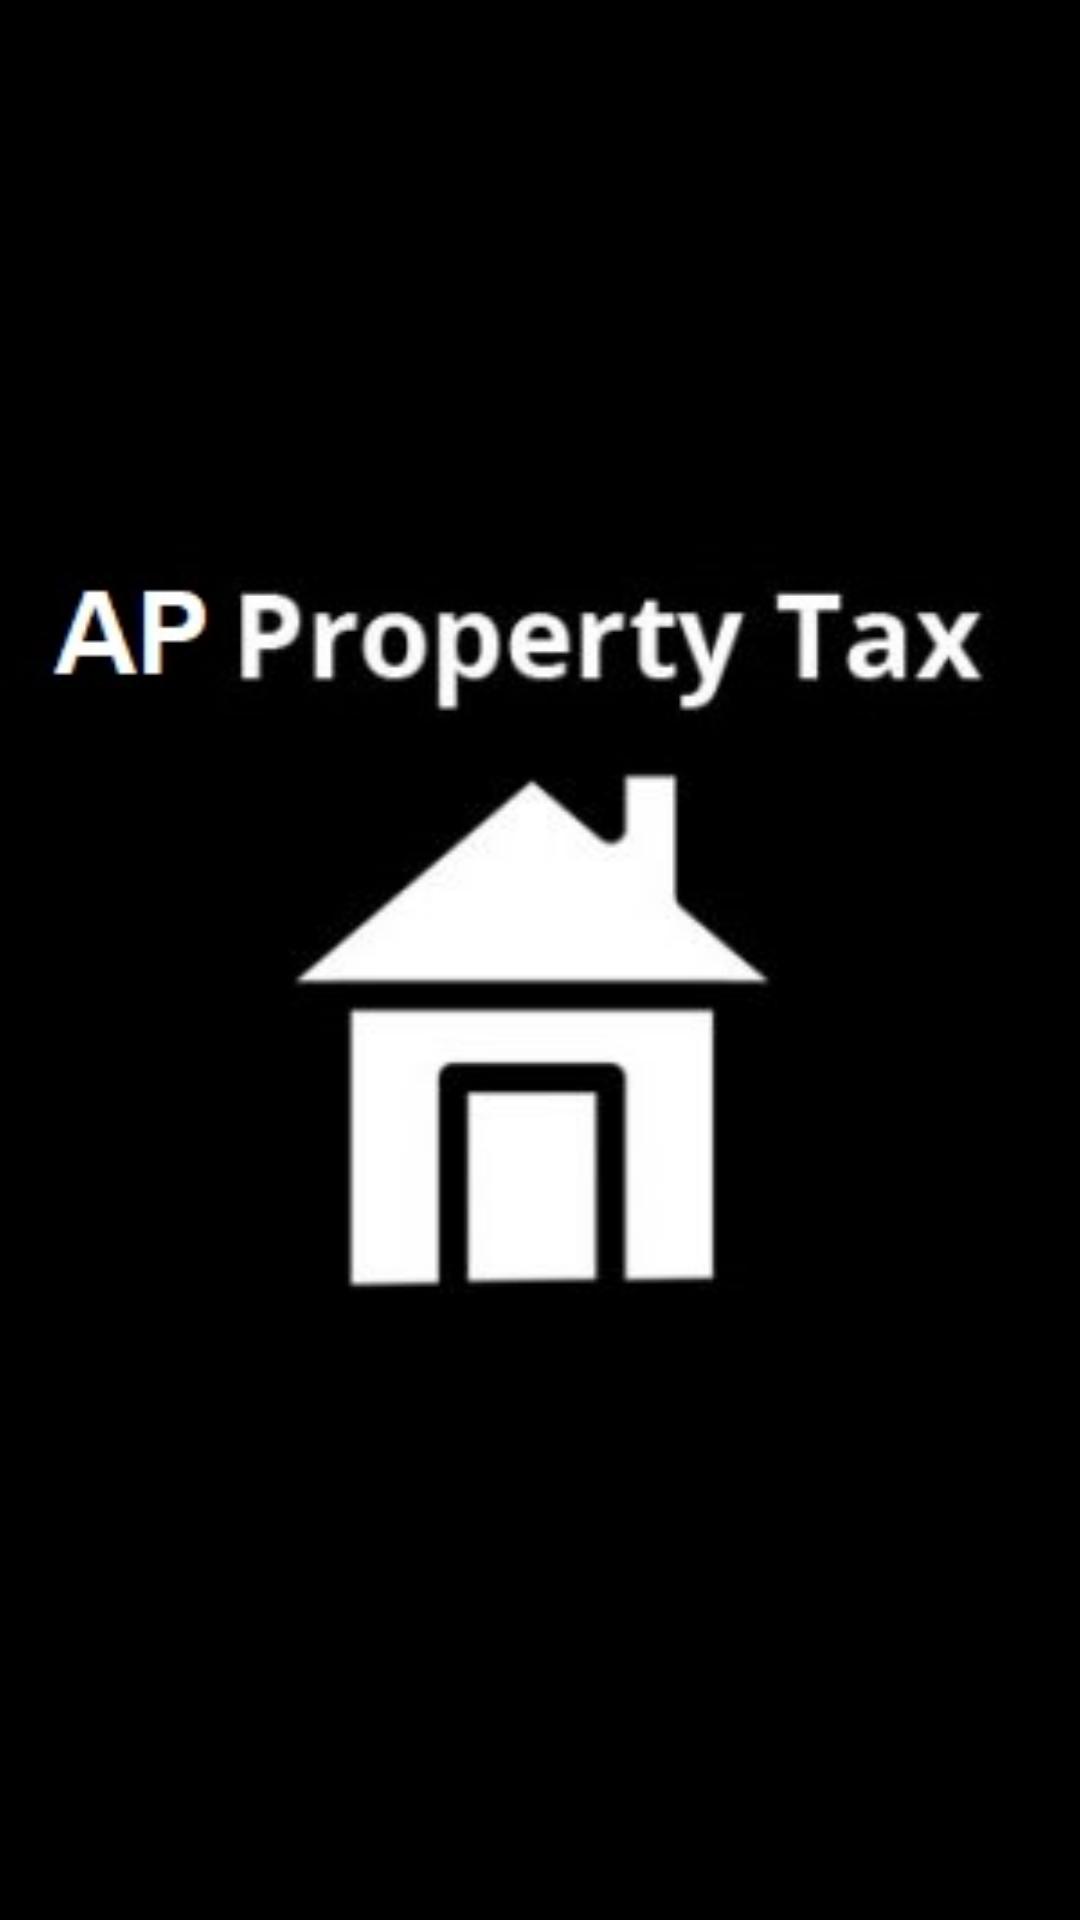 AP Property Tax